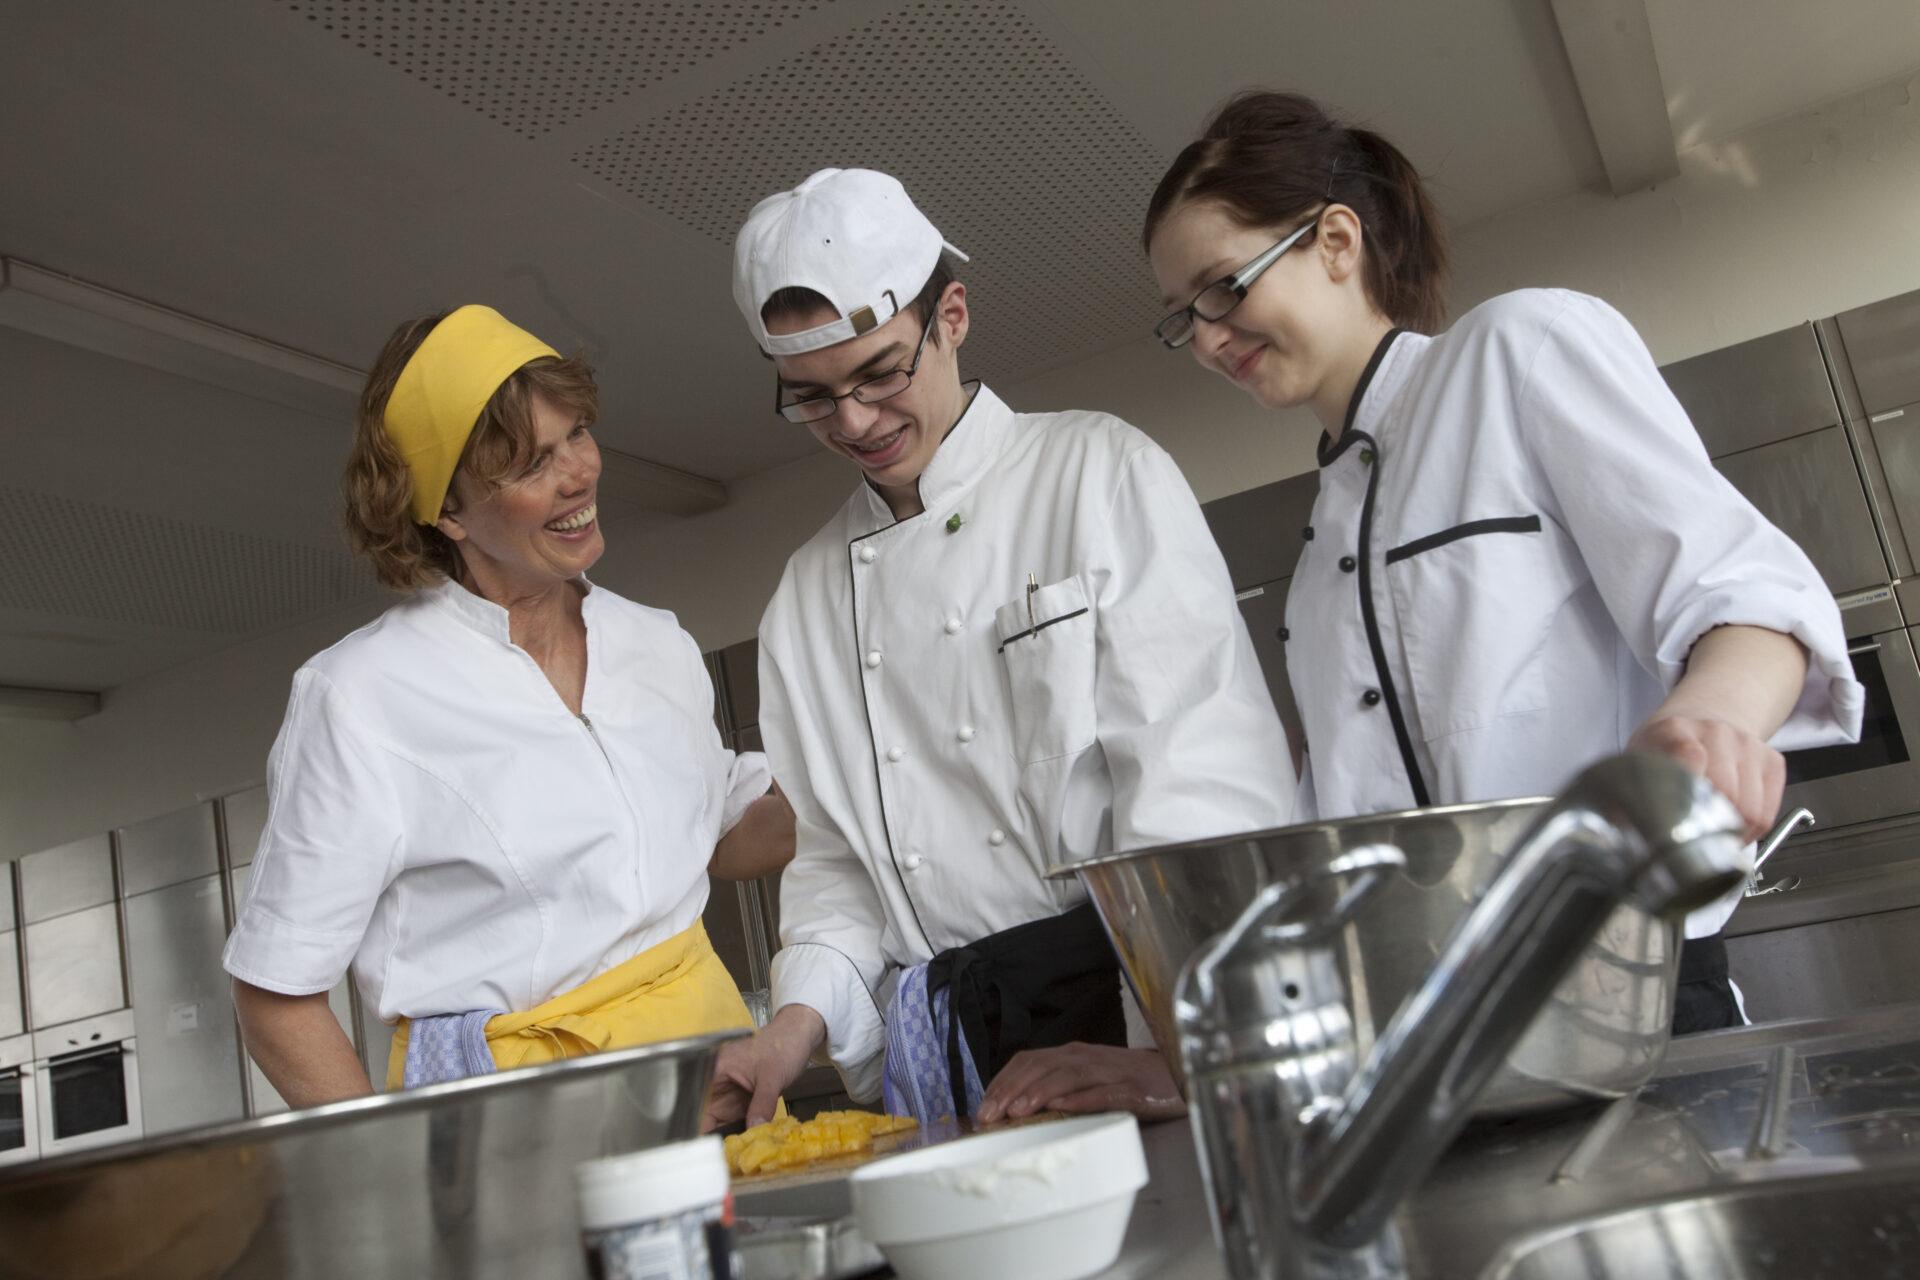 das Bild zeigt 2 Frauen und einen jungen Mann in einer Lehrküche